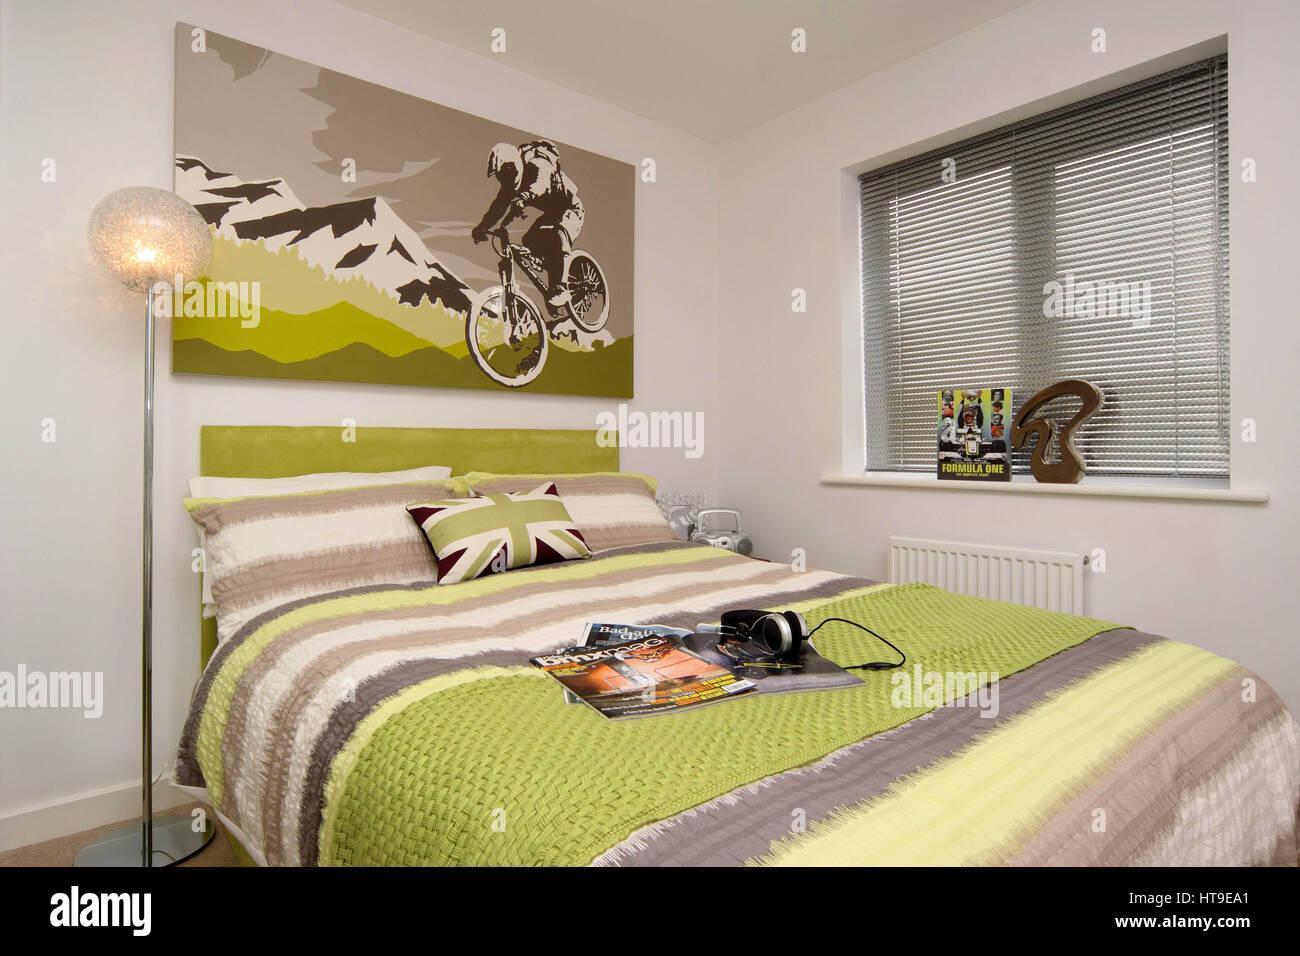 Home interno, ragazzi in camera da letto, tema BMX, ciclismo ...